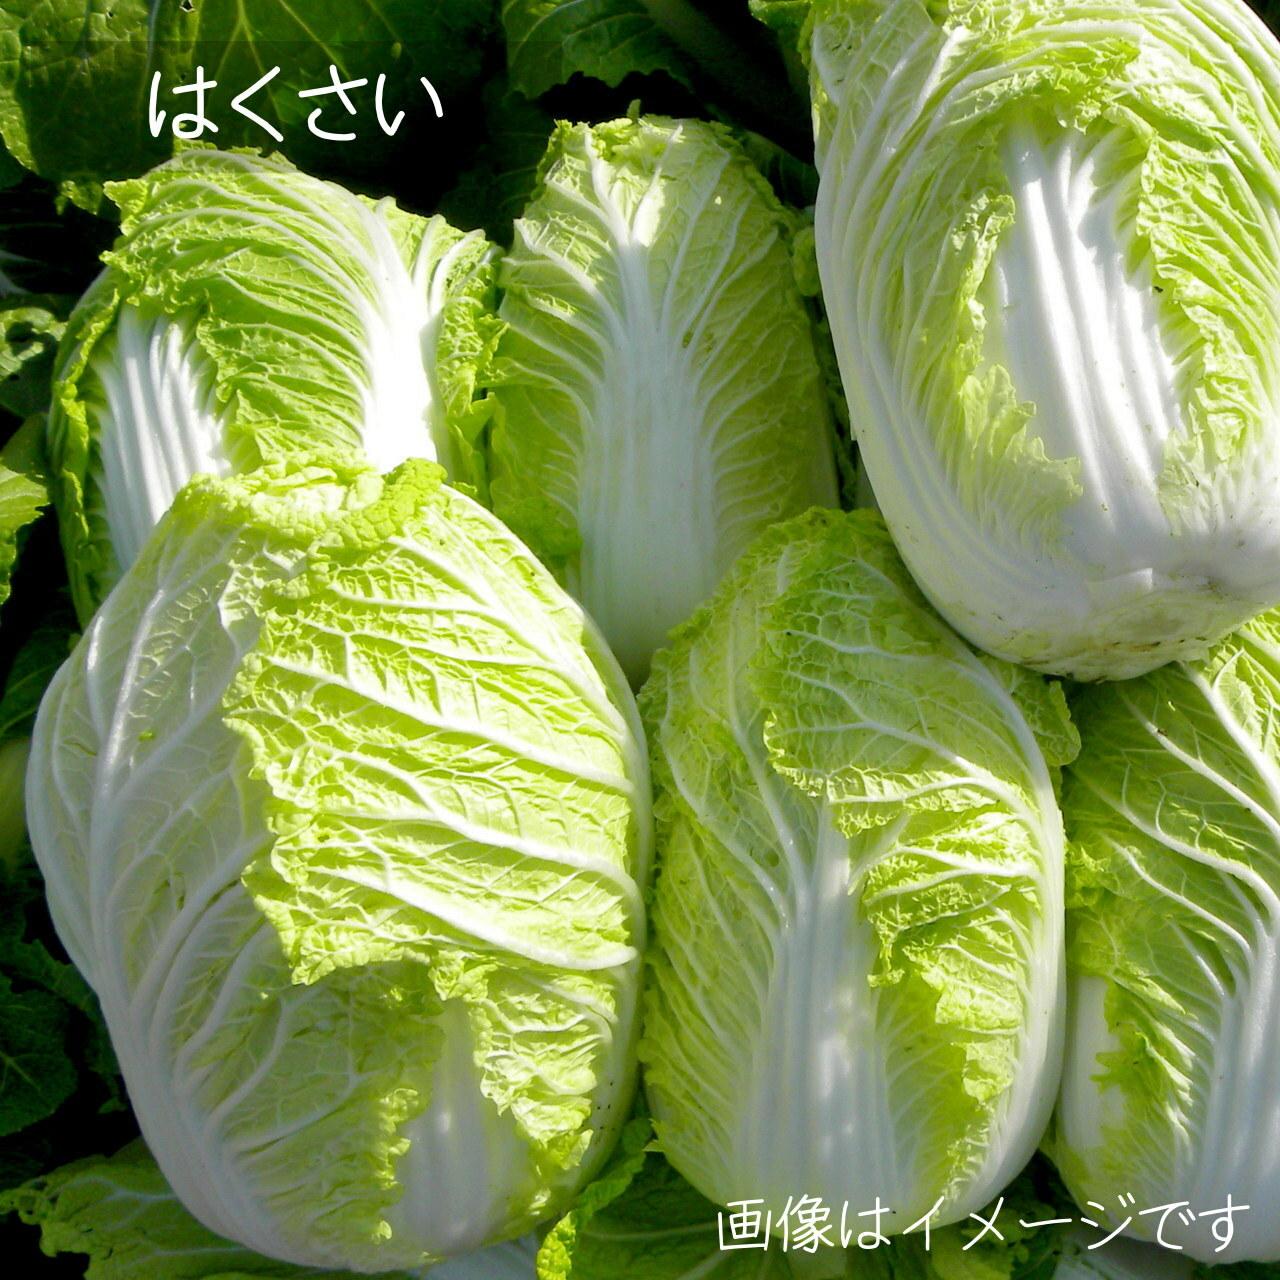 11月の朝採り直売野菜 : 白菜 1個 新鮮な冬野菜 11月30日発送予定